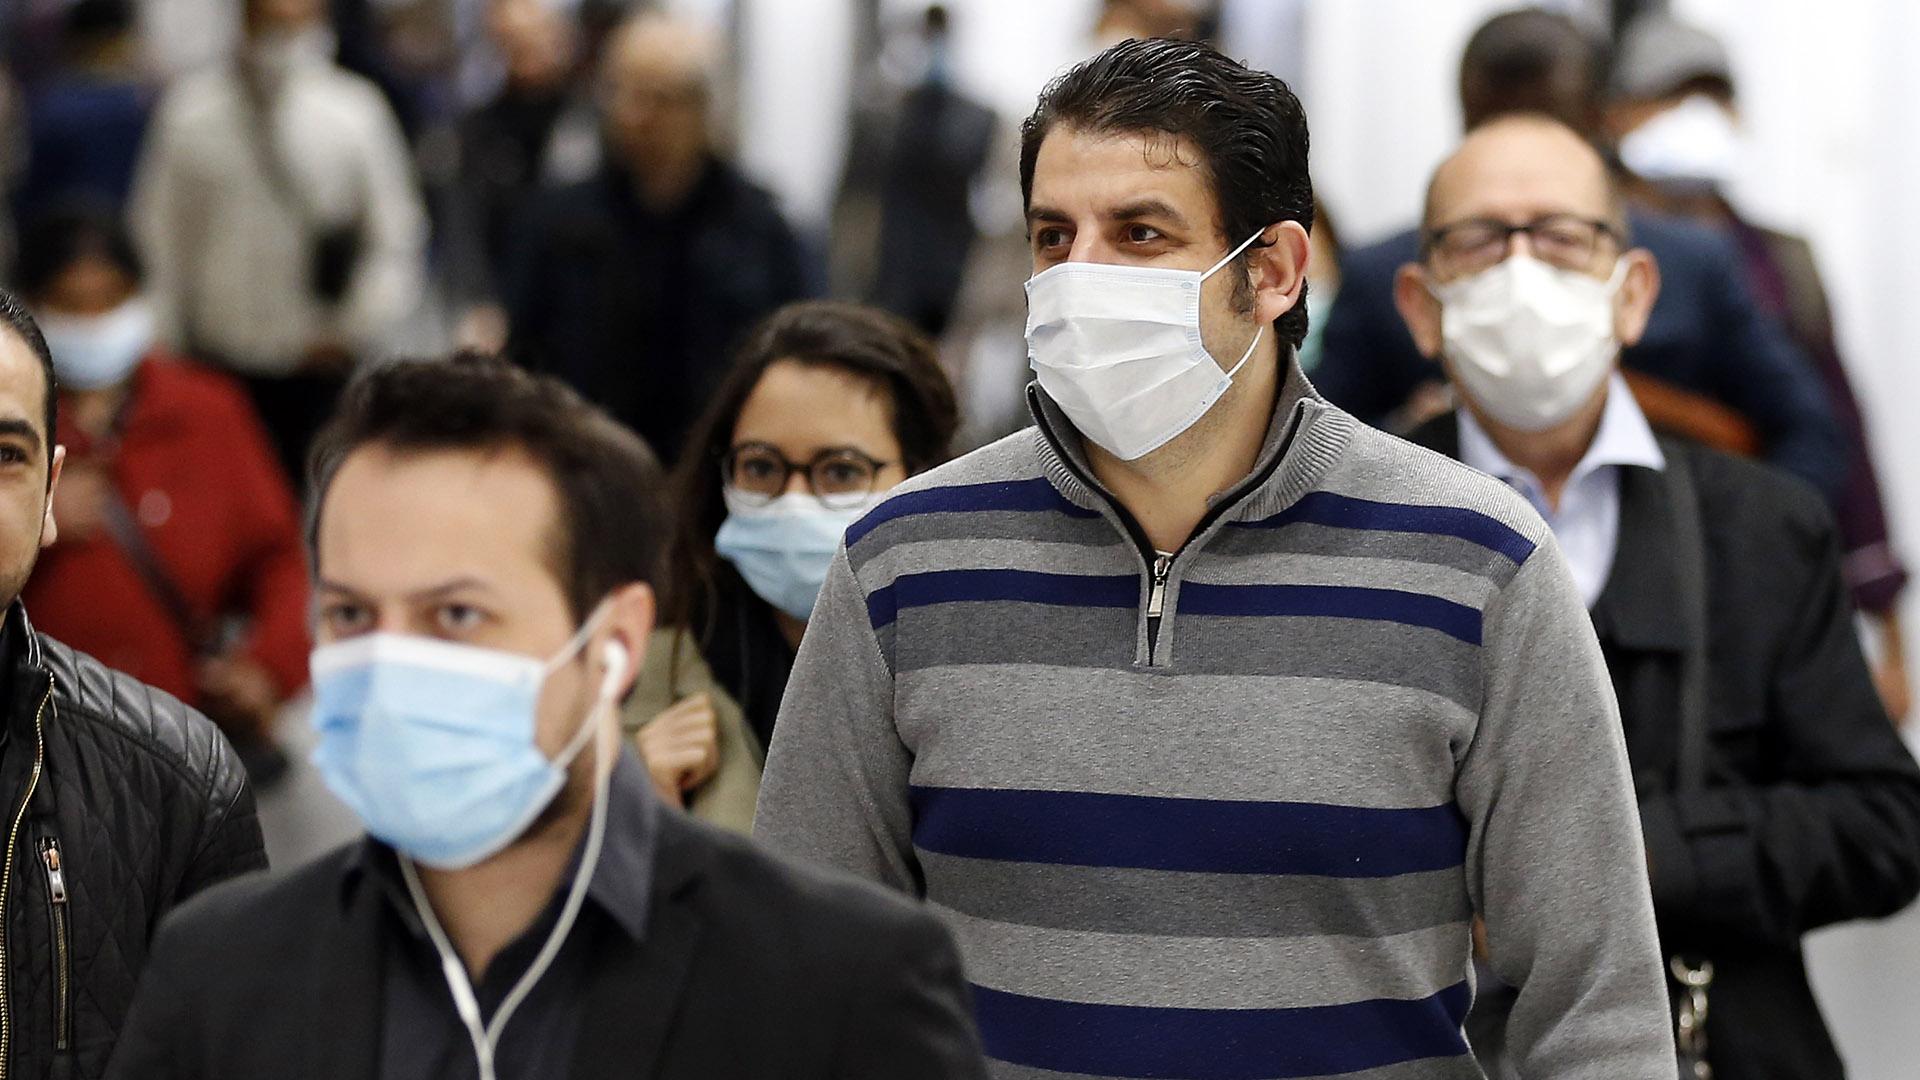 járvány kutató tudós megelőzés világjárvány fertőzés társadalom gazdaság